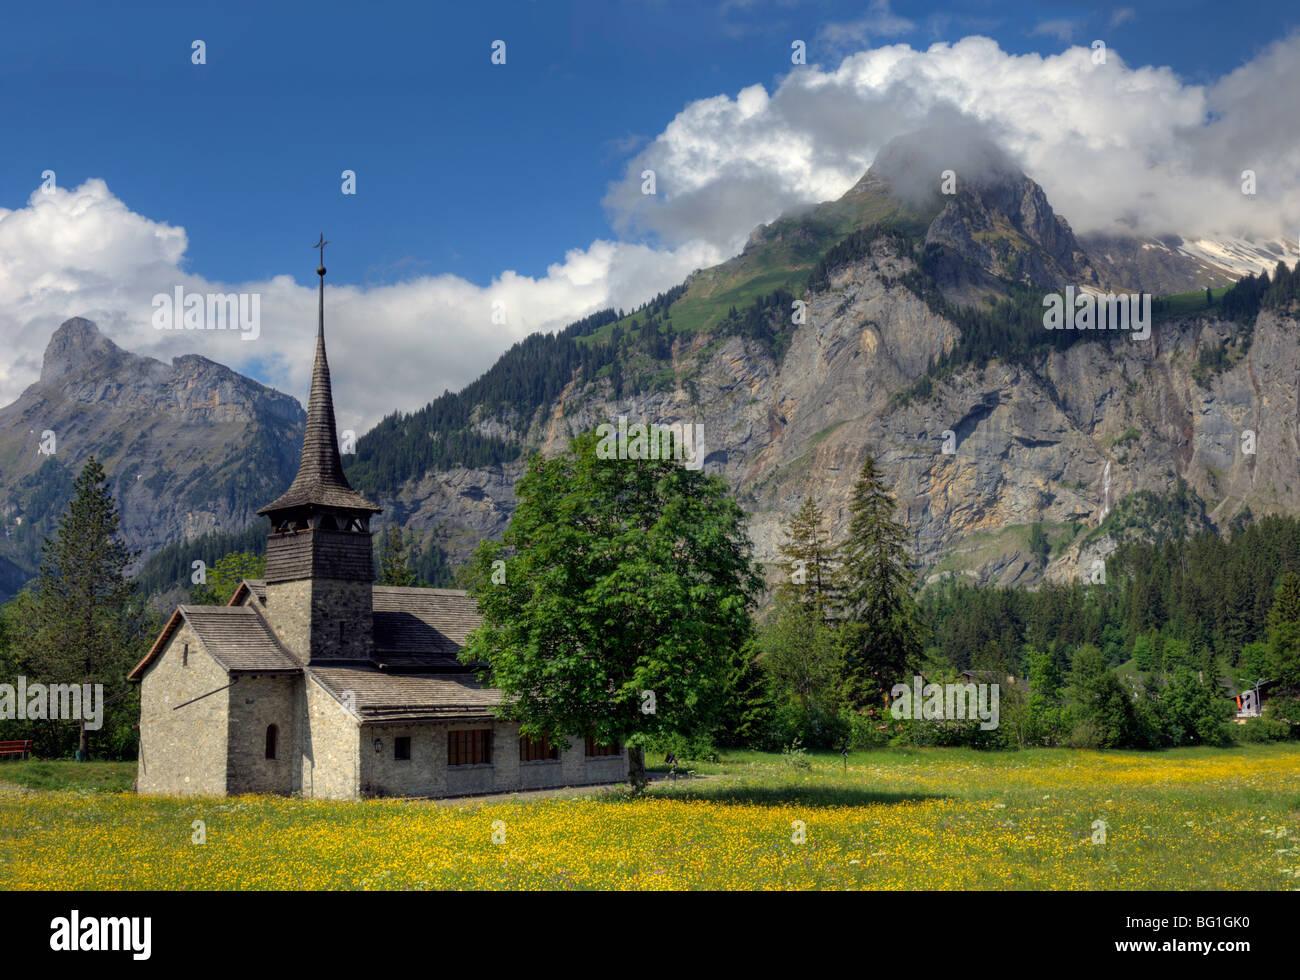 Kandersteg, en el cantón de Berna, Suiza Foto de stock